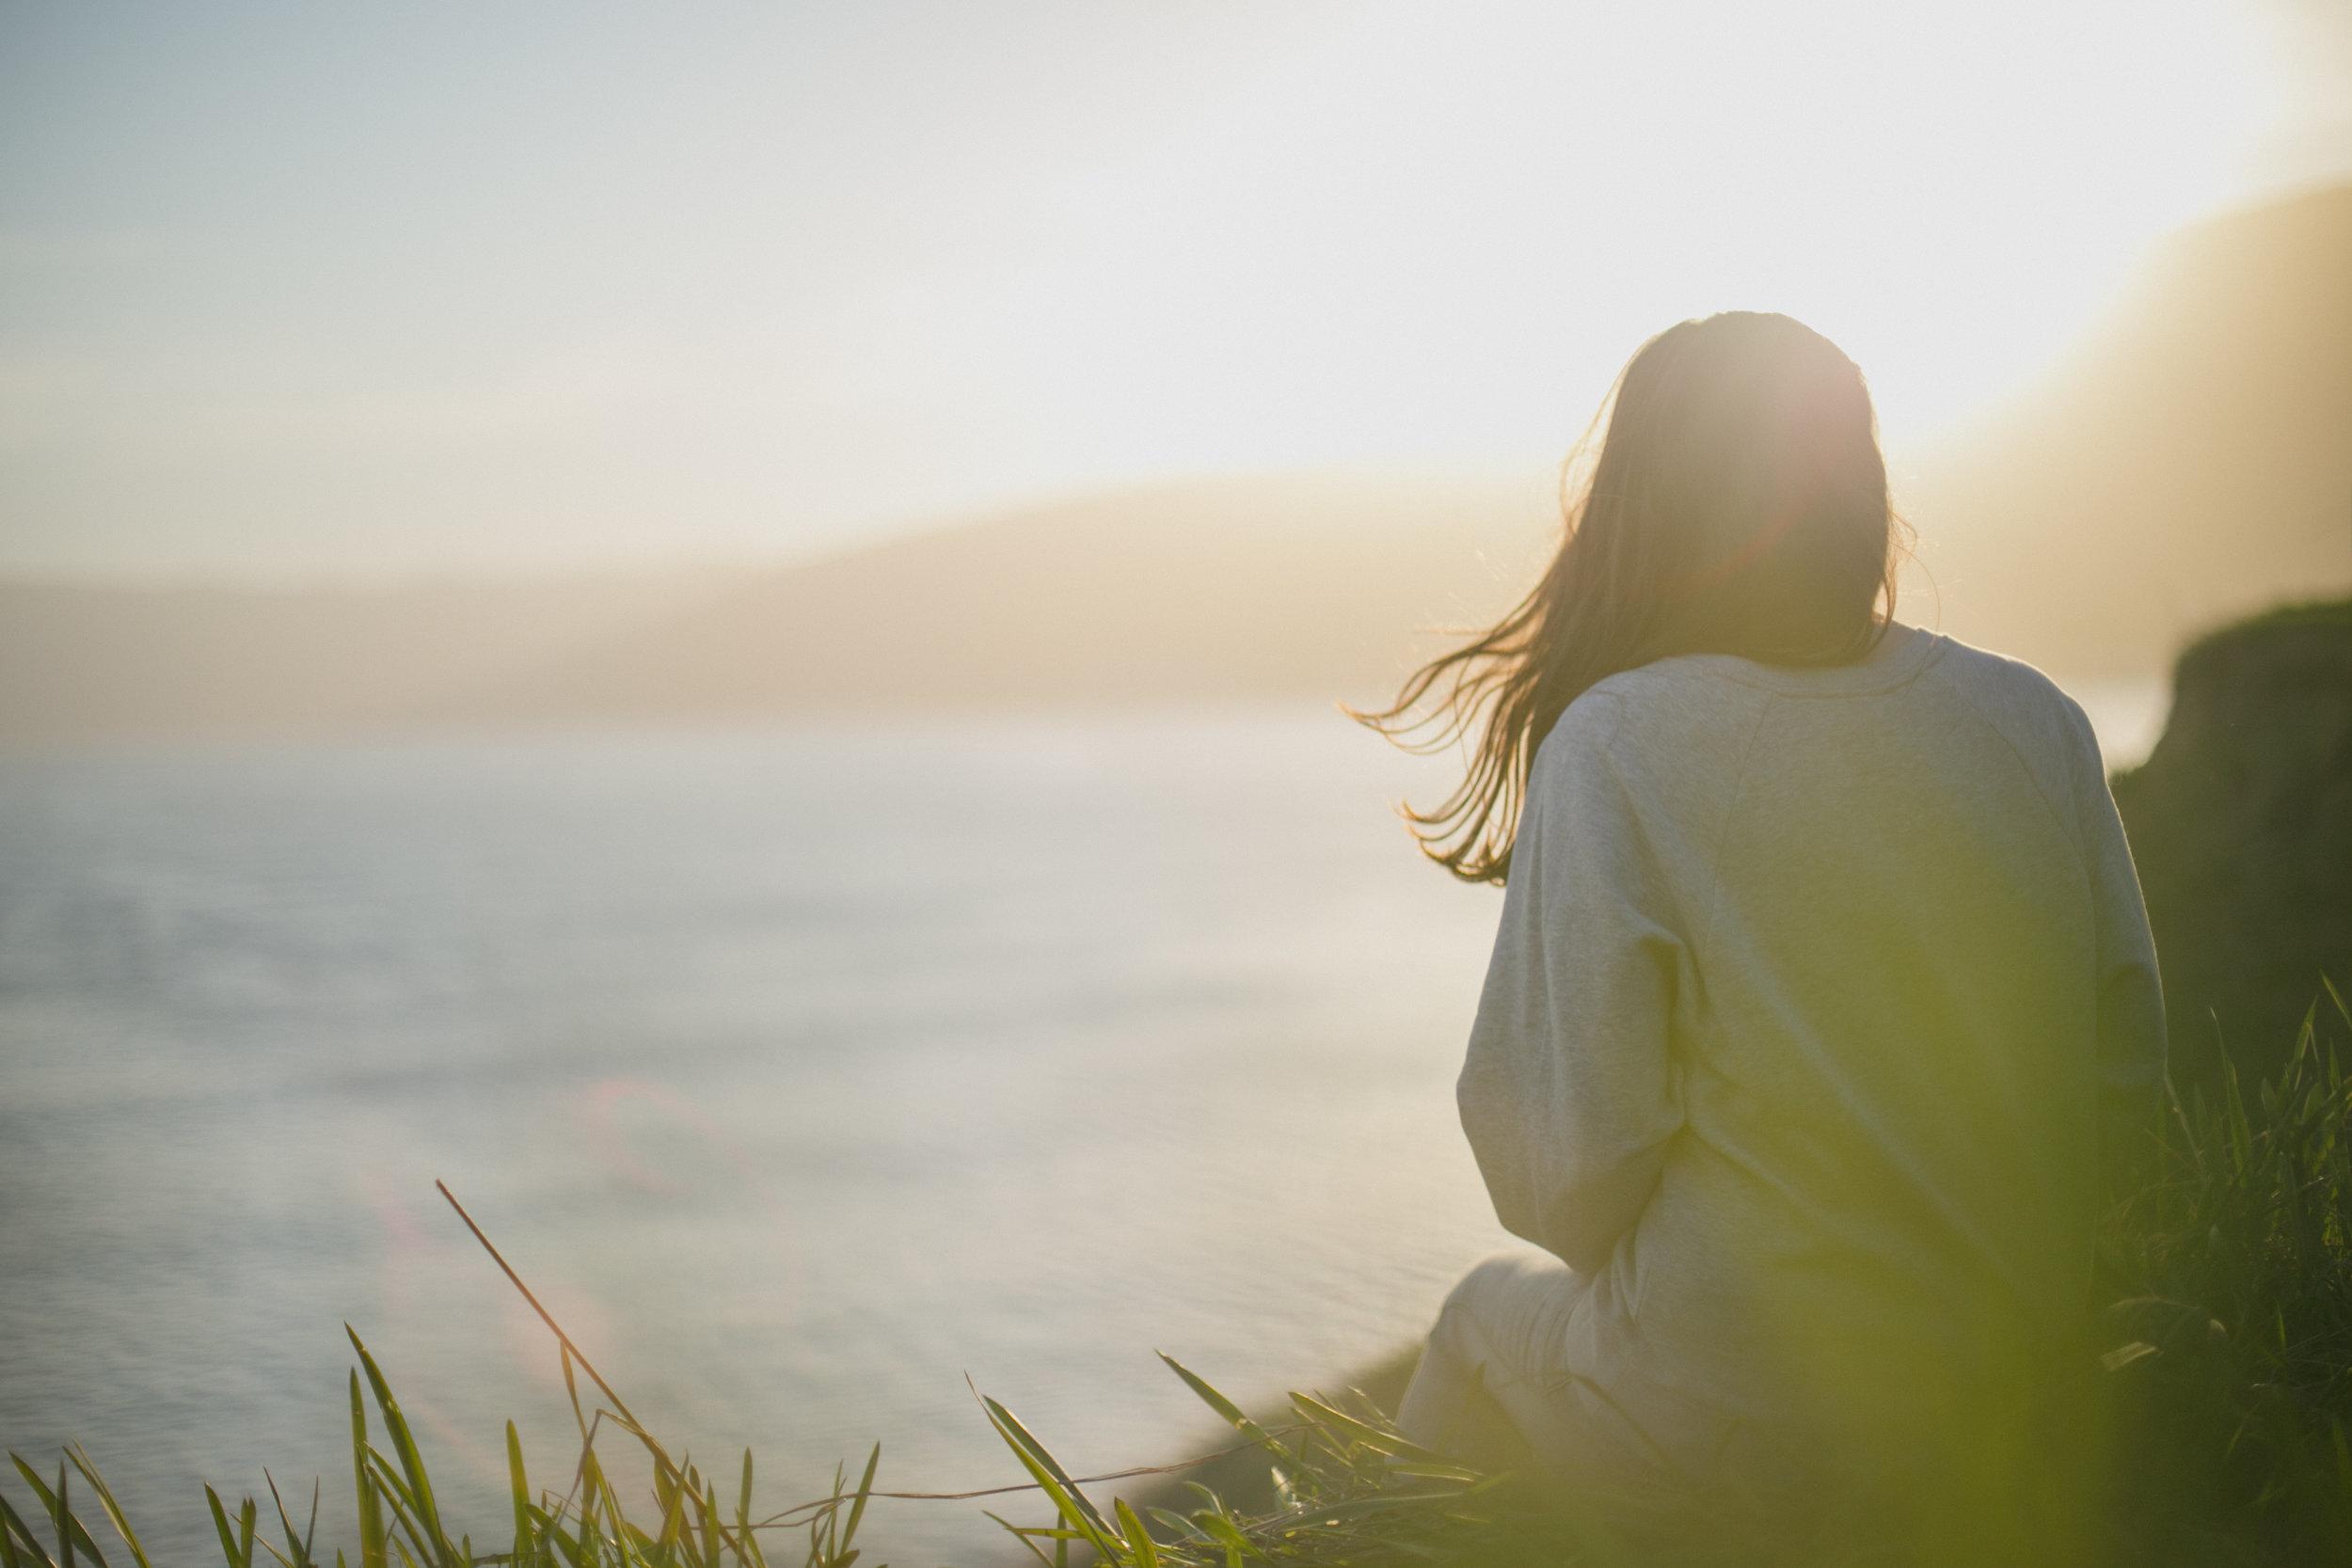 Breathe. Connect. Expand. Celebrate. - Ich lade Dich herzlich zum RiSE & SHiNE Retreat ein. Jetzt wo der Frühling naht, was gibt es da schöneres als sich ein tolles Retreat in der Wärme, am Meer, mit Sonne und den Elementen mit zwei phantastischen Lehrern und einer wundervollen Community zu gönnen?Gemeinsam mit Kalid und mir werden wir unsere inneren Kräfte aktivieren und ordentlich inneren Frühlingsputz auf allen Ebenen betreiben.Dieses Retreat beinhaltet ein tiefes eintauchen mit bewährten vielseitigen Methoden, Ritualen und Praktiken, als auch Regeneration, Muse, Genuss und pure Freude, um uns dann strahlend und aufgetankt auf einen unvergesslichen Sommer vorzubereiten.